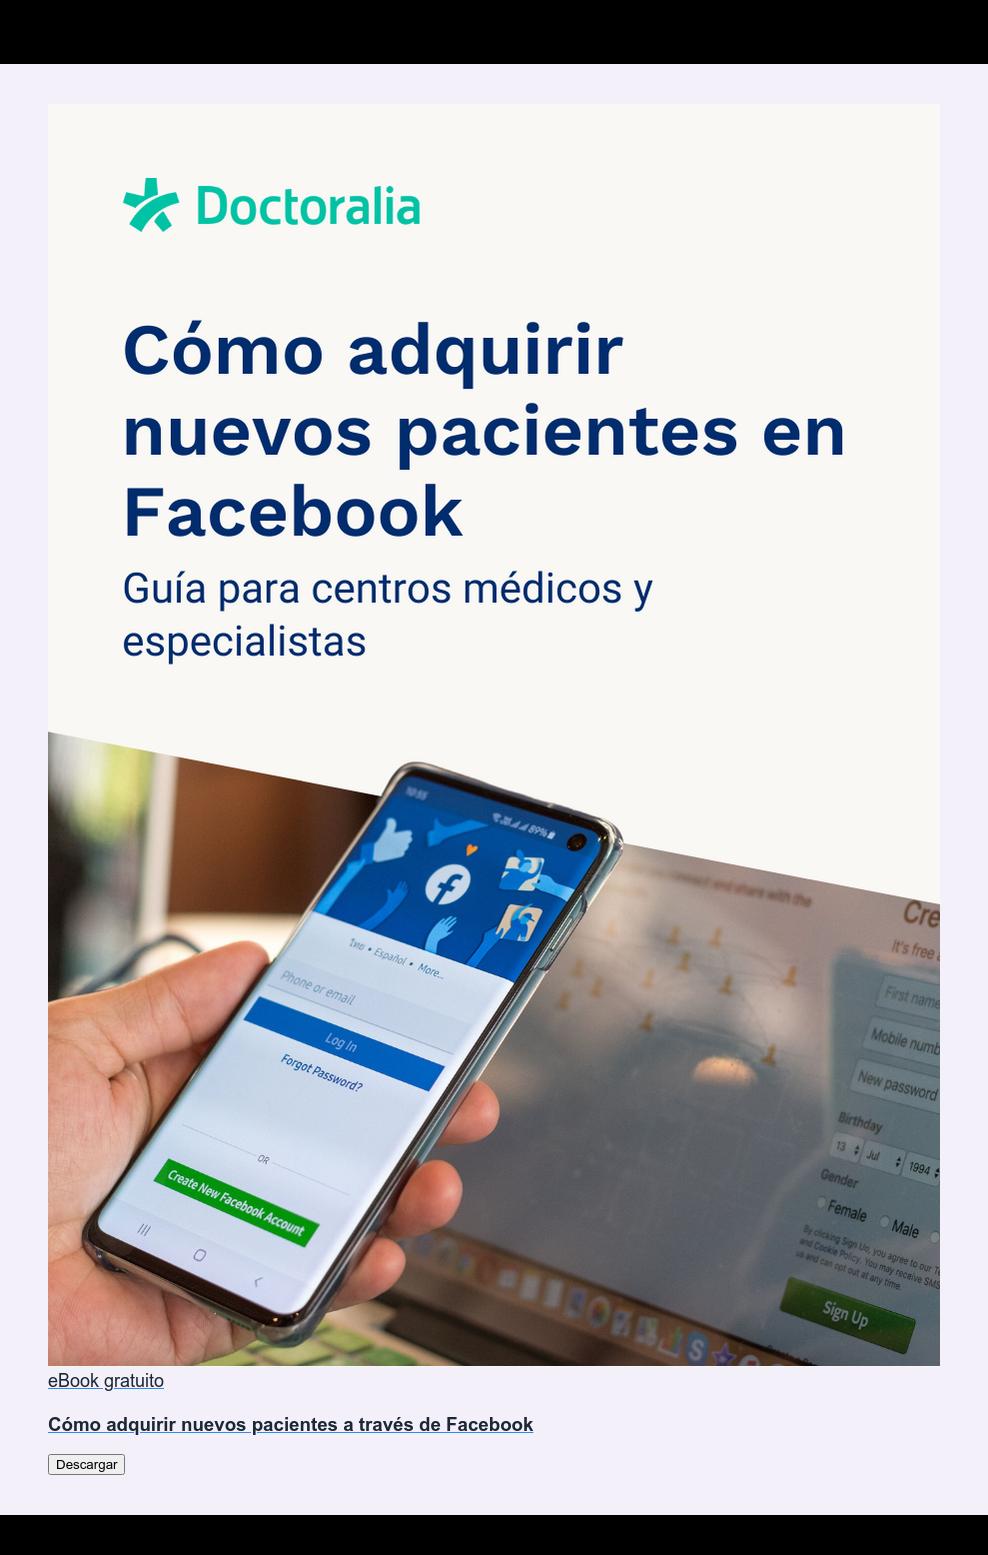 eBook gratuito  Cómo adquirir nuevos pacientes a través de Facebook Descargar